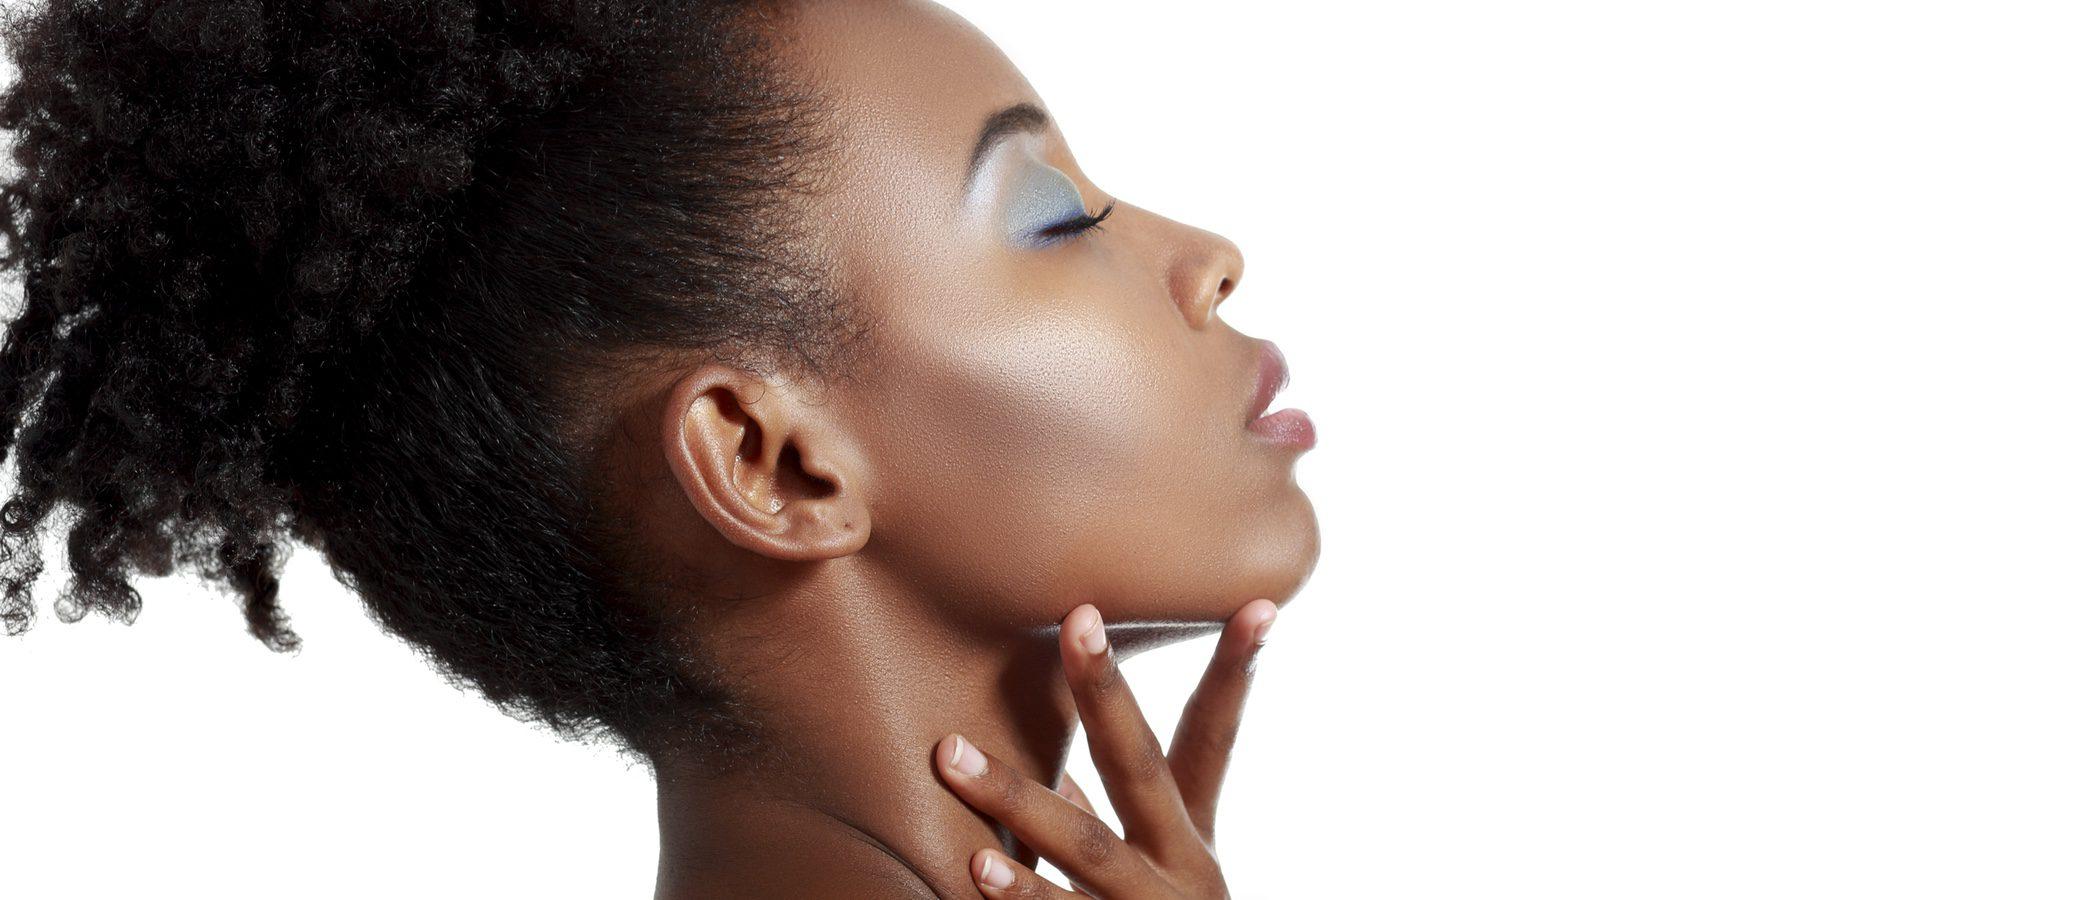 Claves de maquillaje para la piel morena